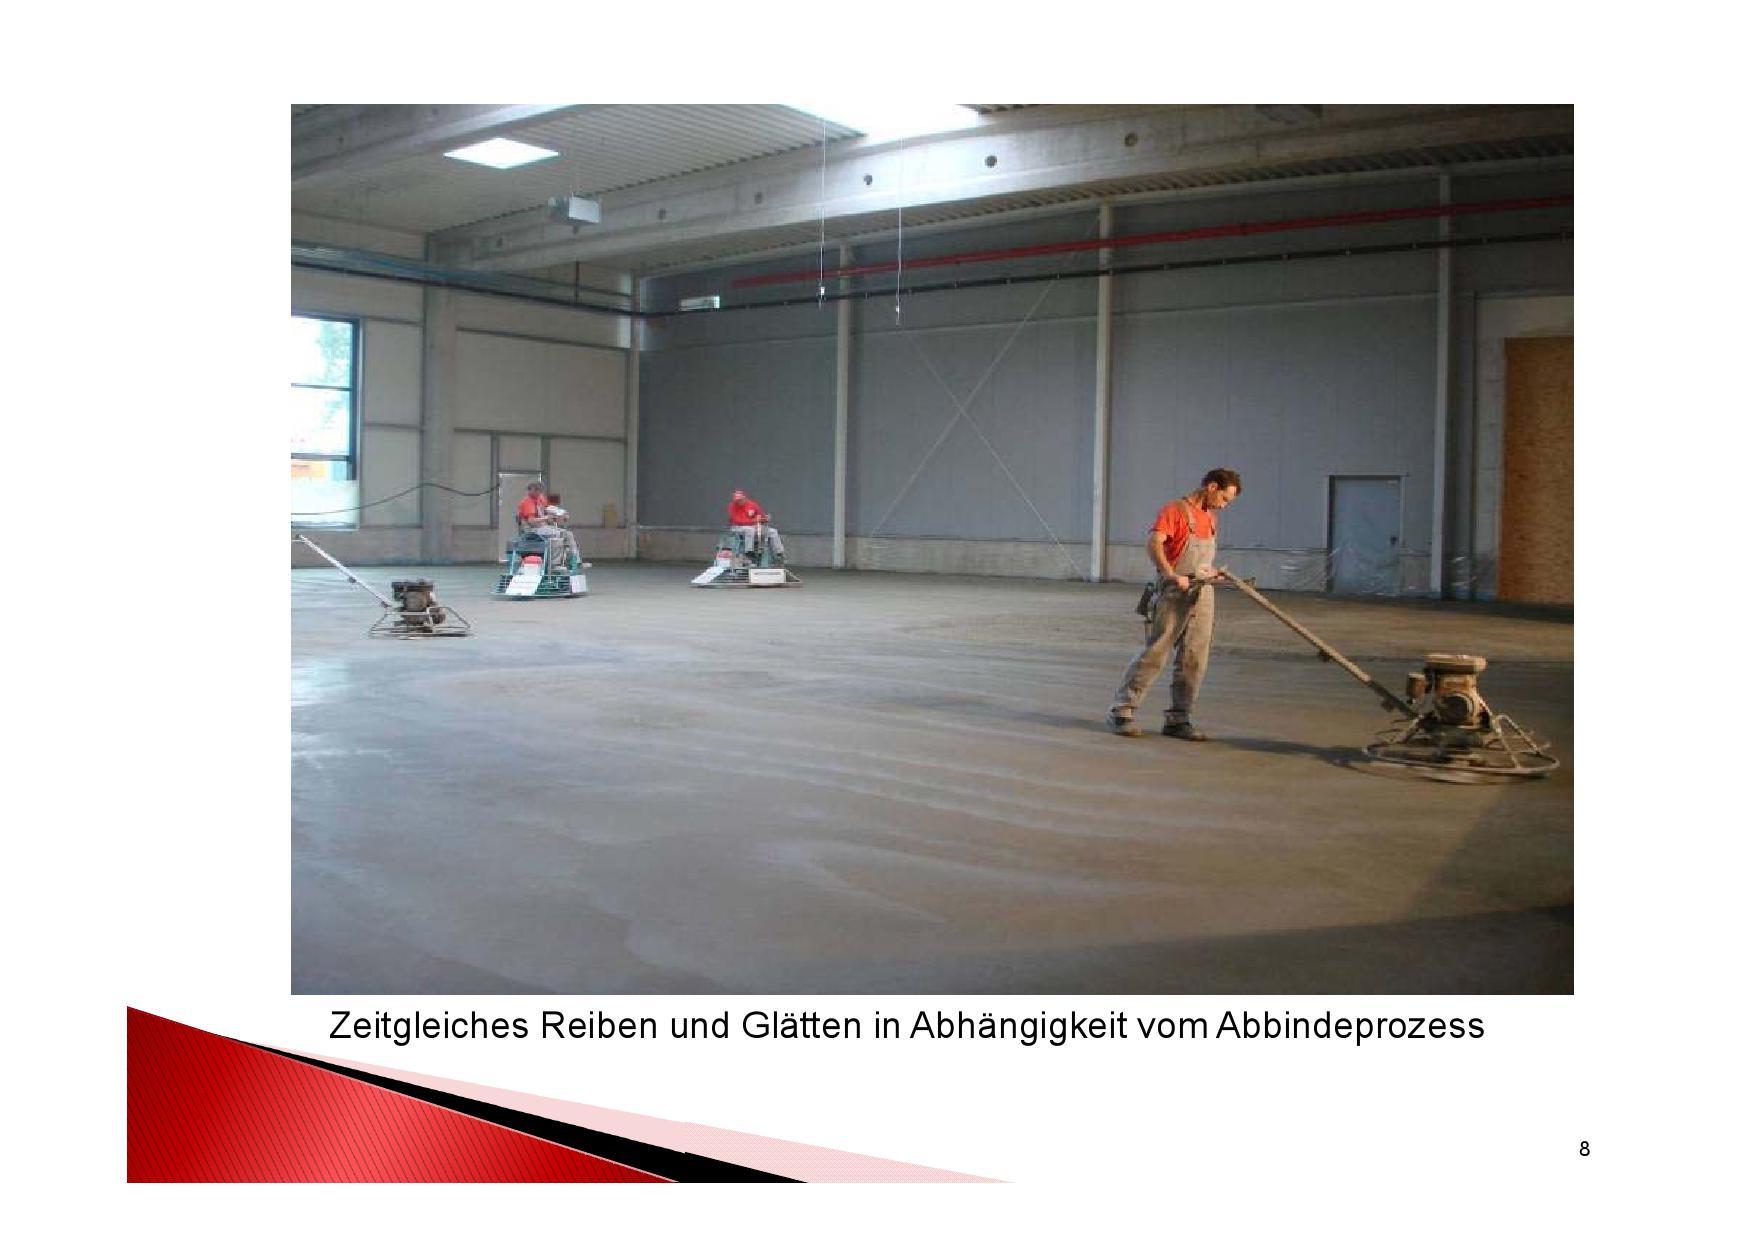 7Präsentation Einstreu Schicht Haftbrücke Fugen März 2013 pdf_000008